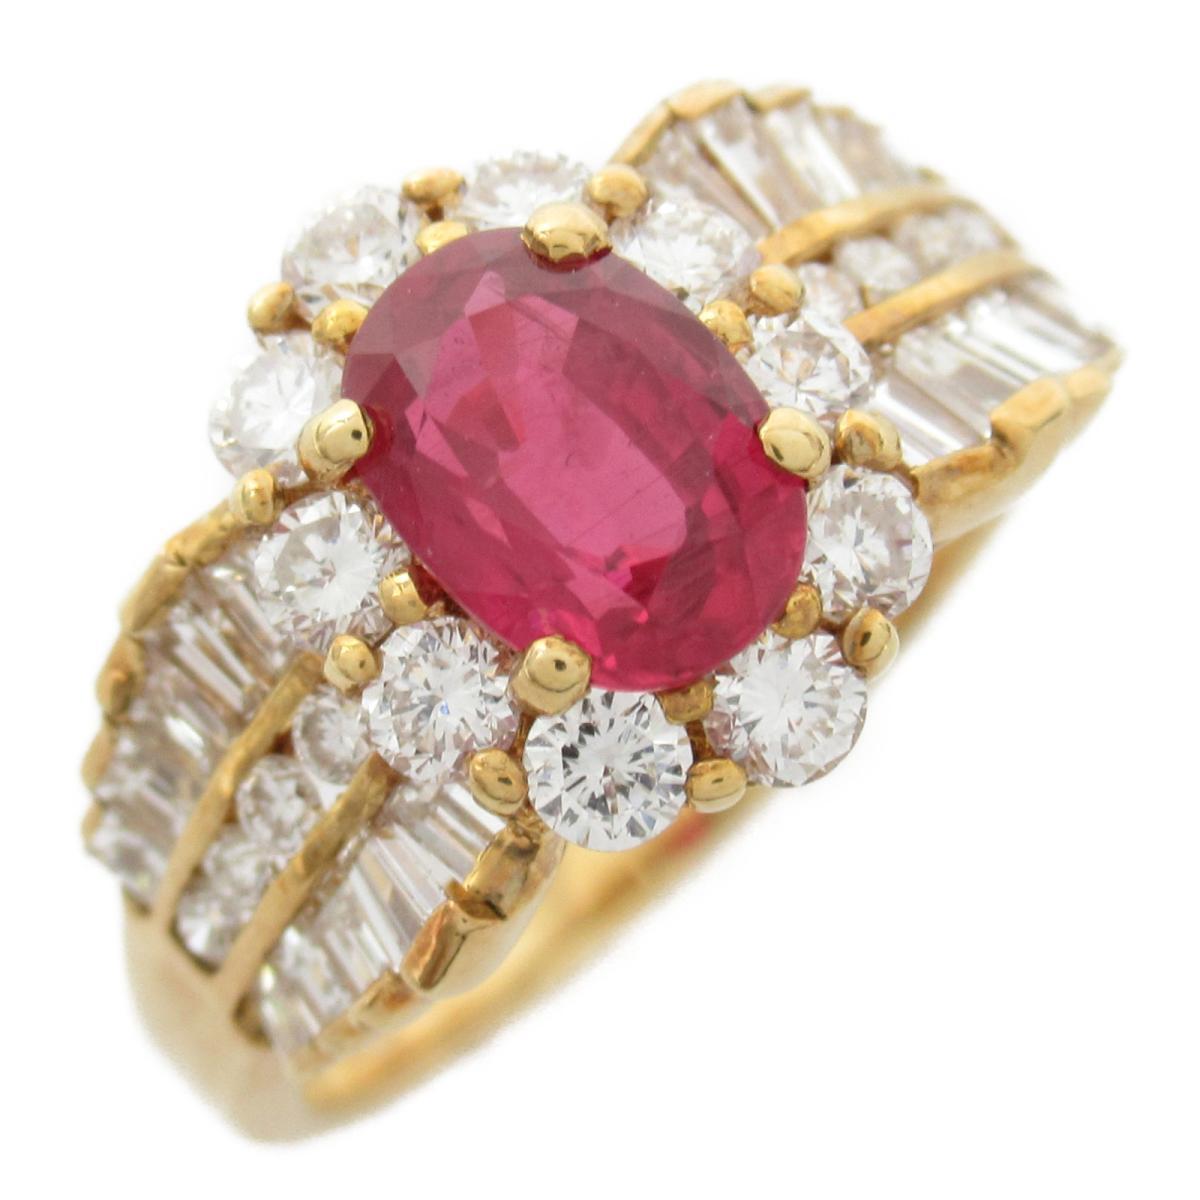 【中古】ジュエリー ルビー ダイヤモンド リング 指輪 ユニセックス 18Kイエローゴールド x ルビー1.19CT x ダイヤモンド1.11CT